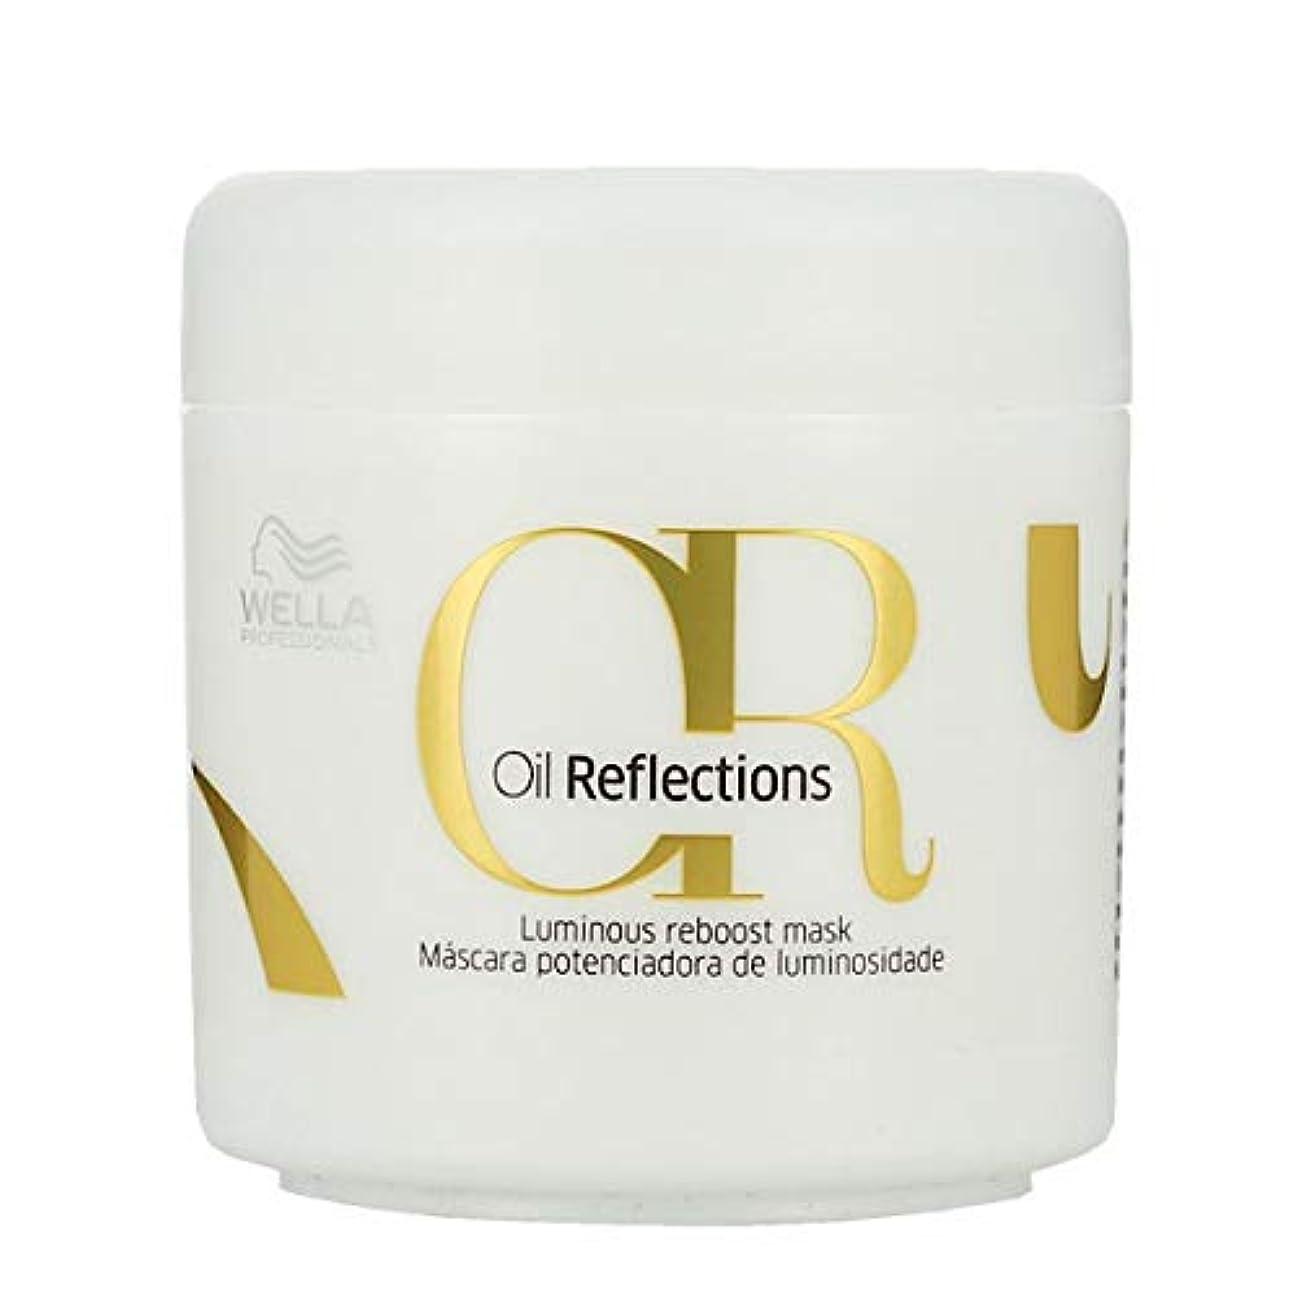 空いている平等ガイダンスWella Professionals Oil Reflections Luminous Reboost Mask ウエラ オイルリフレクション マスク 150 ml [並行輸入品]